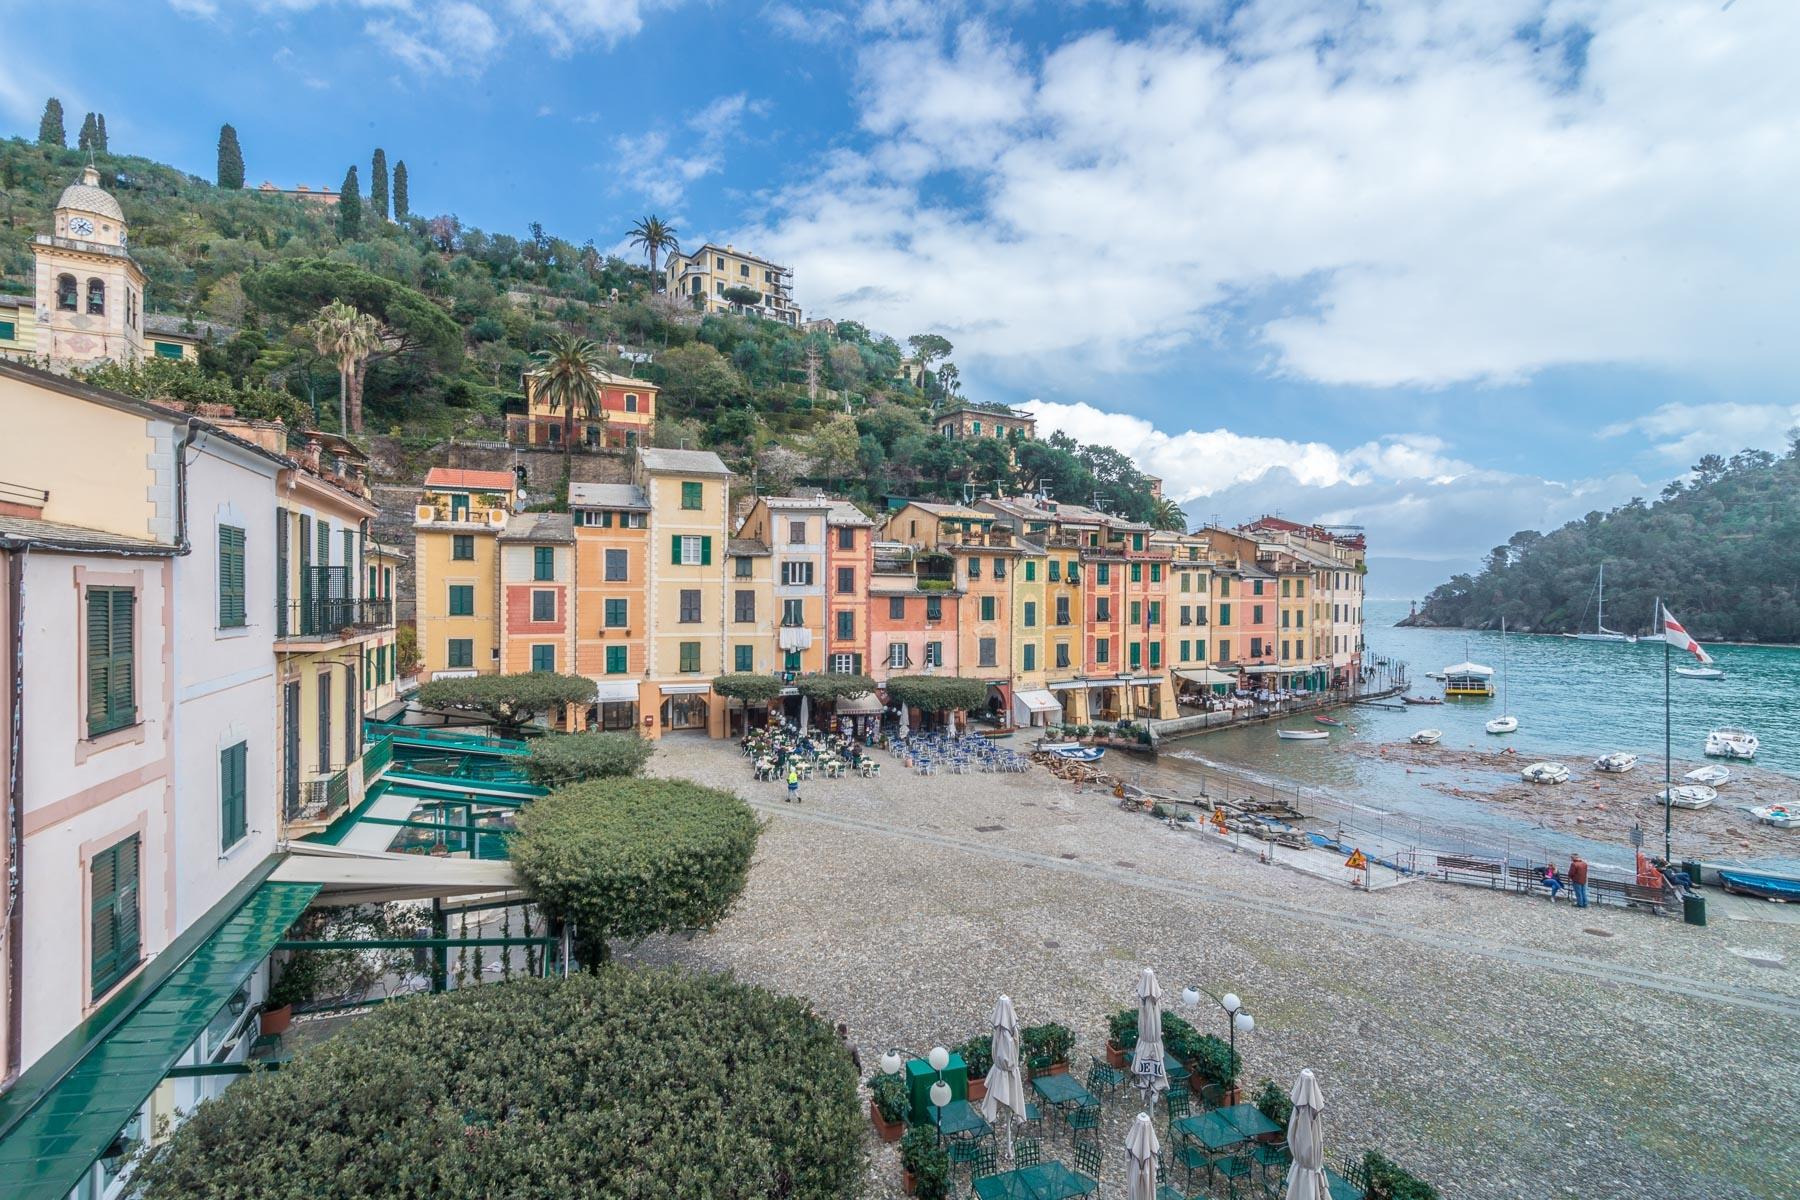 Appartamento in Vendita a Portofino: 5 locali, 130 mq - Foto 3